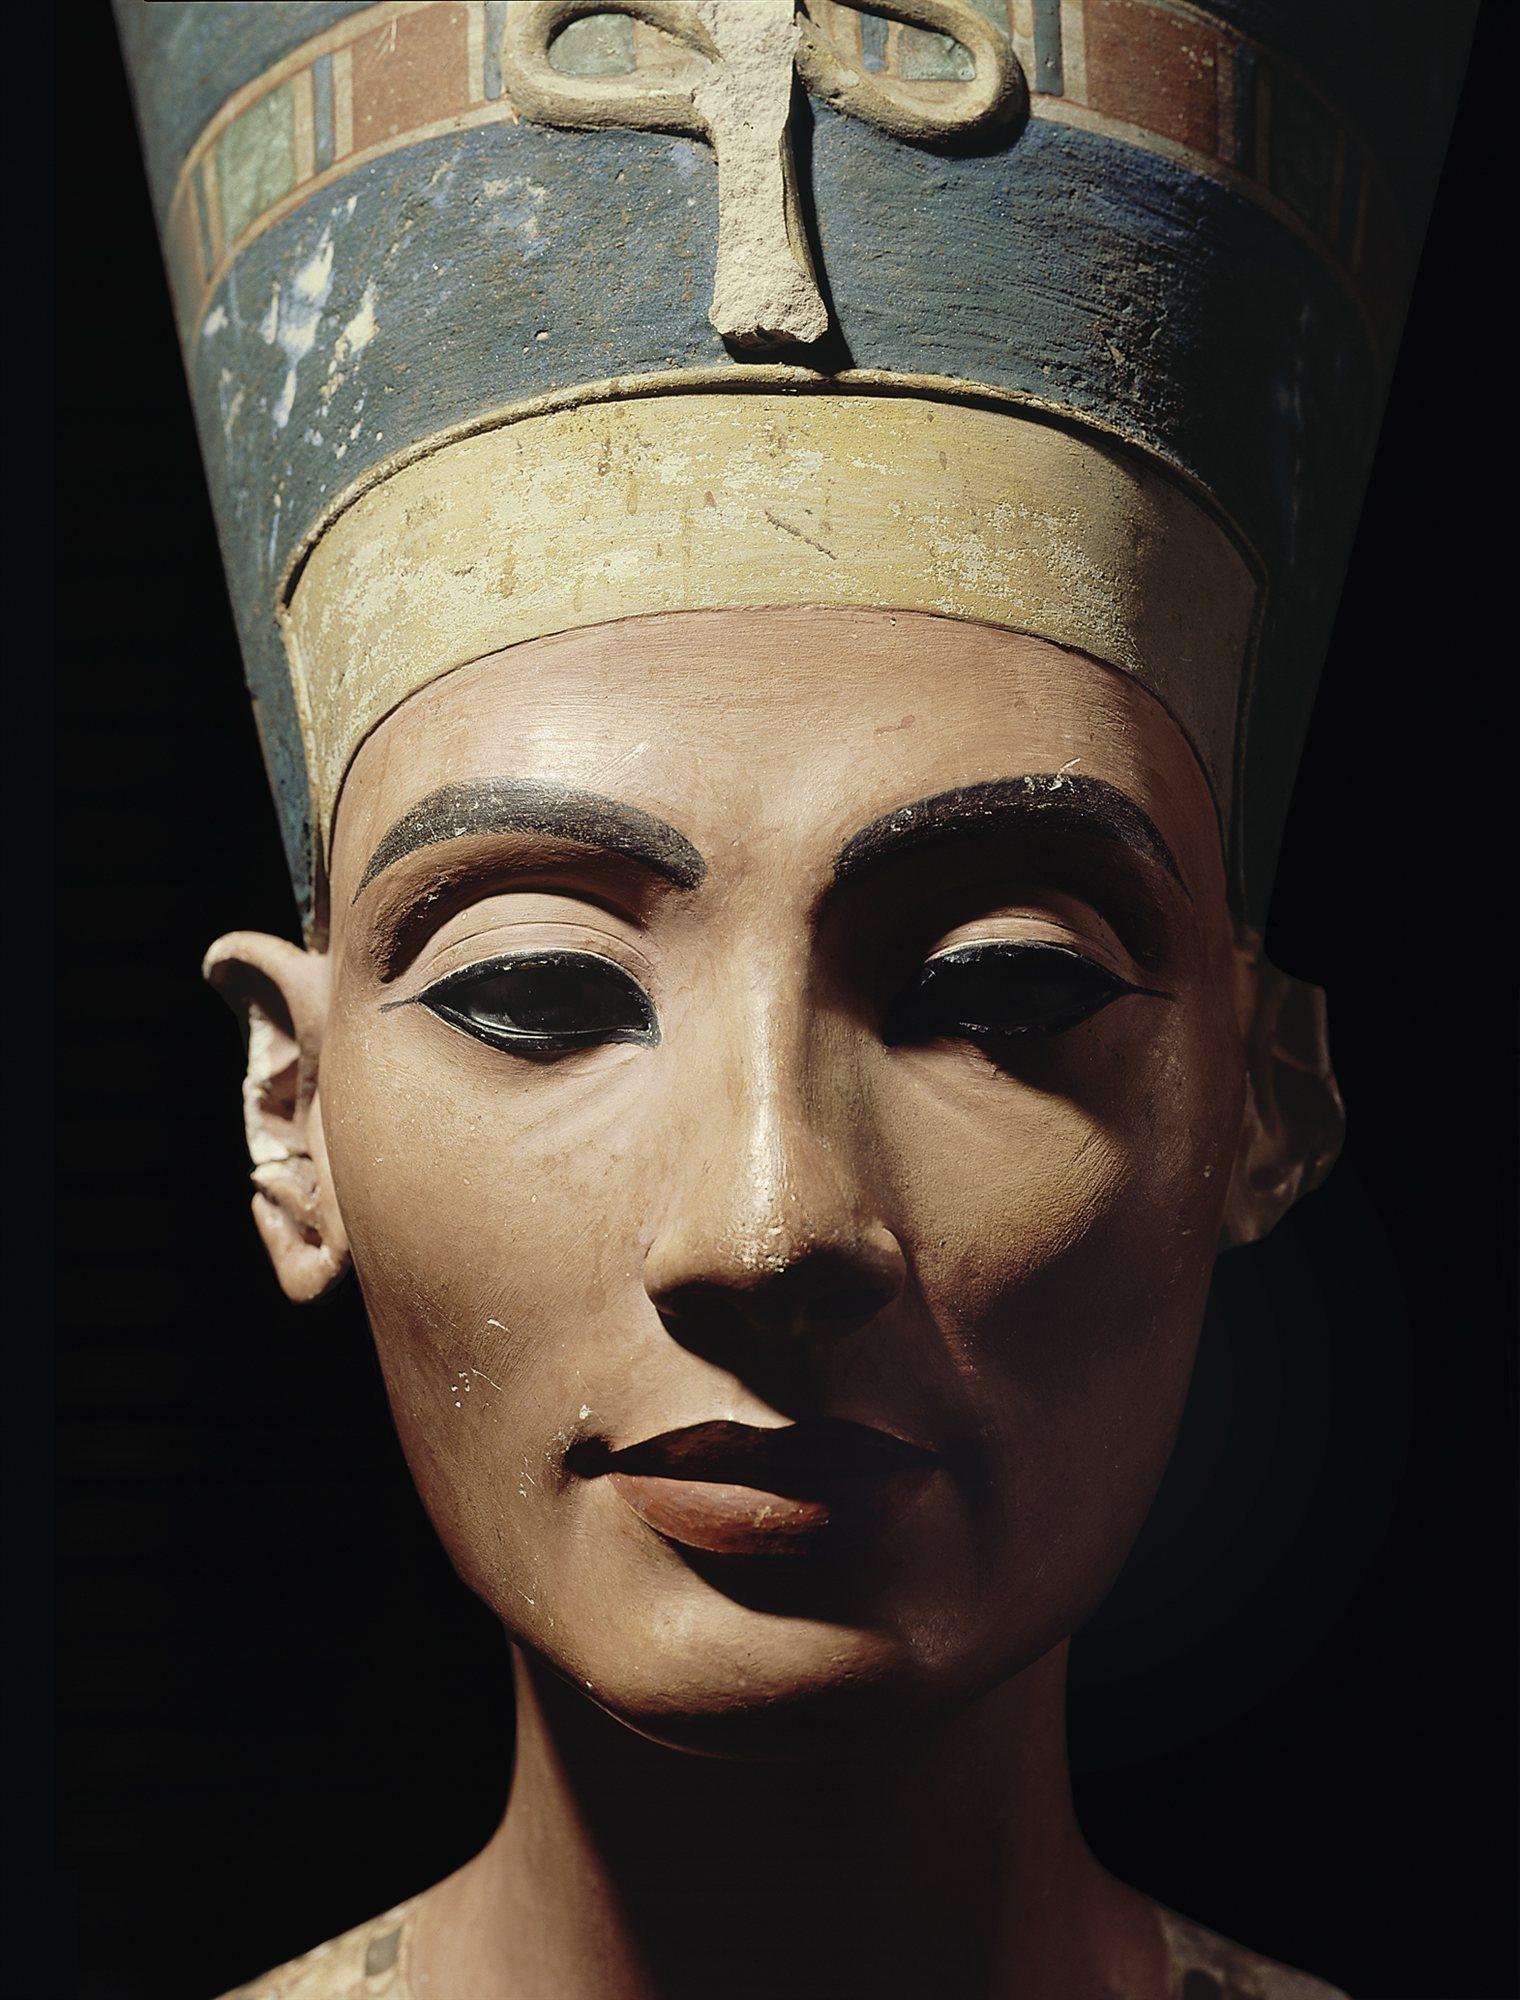 B006081D. Nefertiti